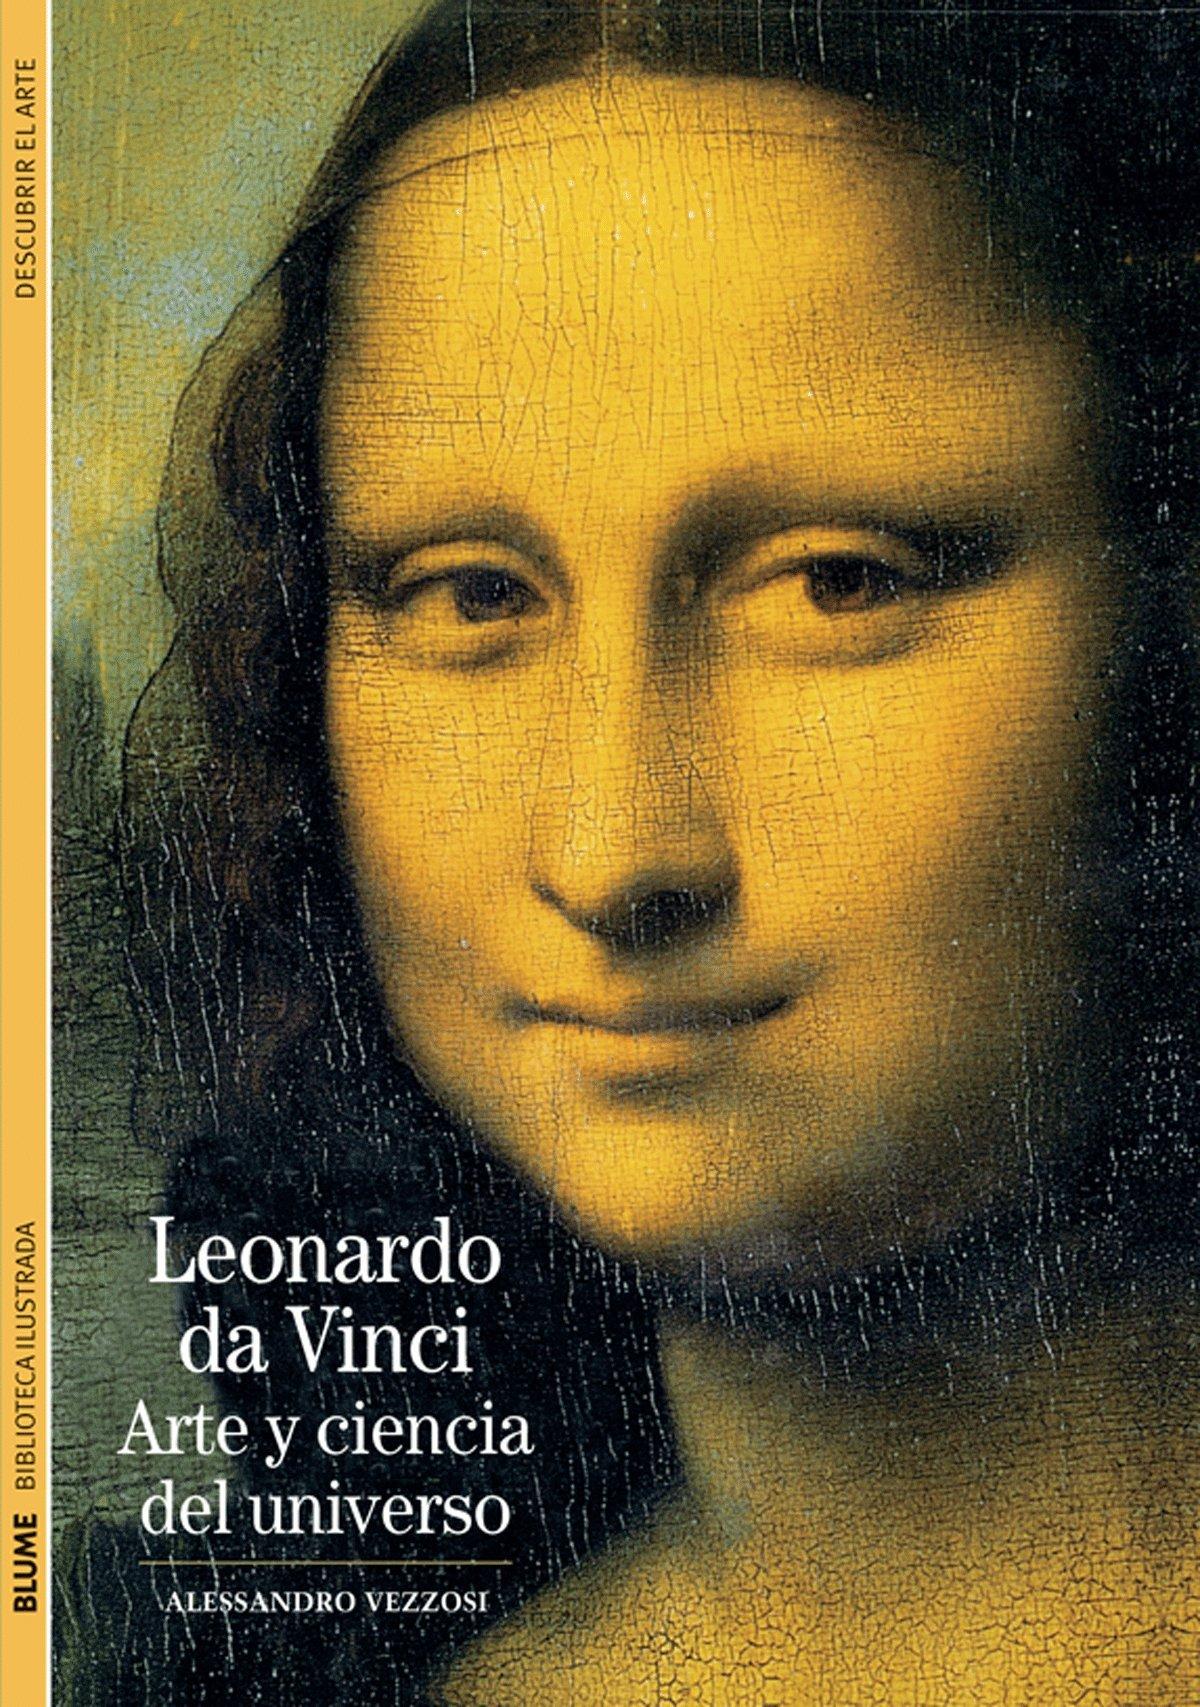 Download Leonardo da Vinci: Arte y ciencia del universo (Biblioteca ilustrada) (Spanish Edition) ebook